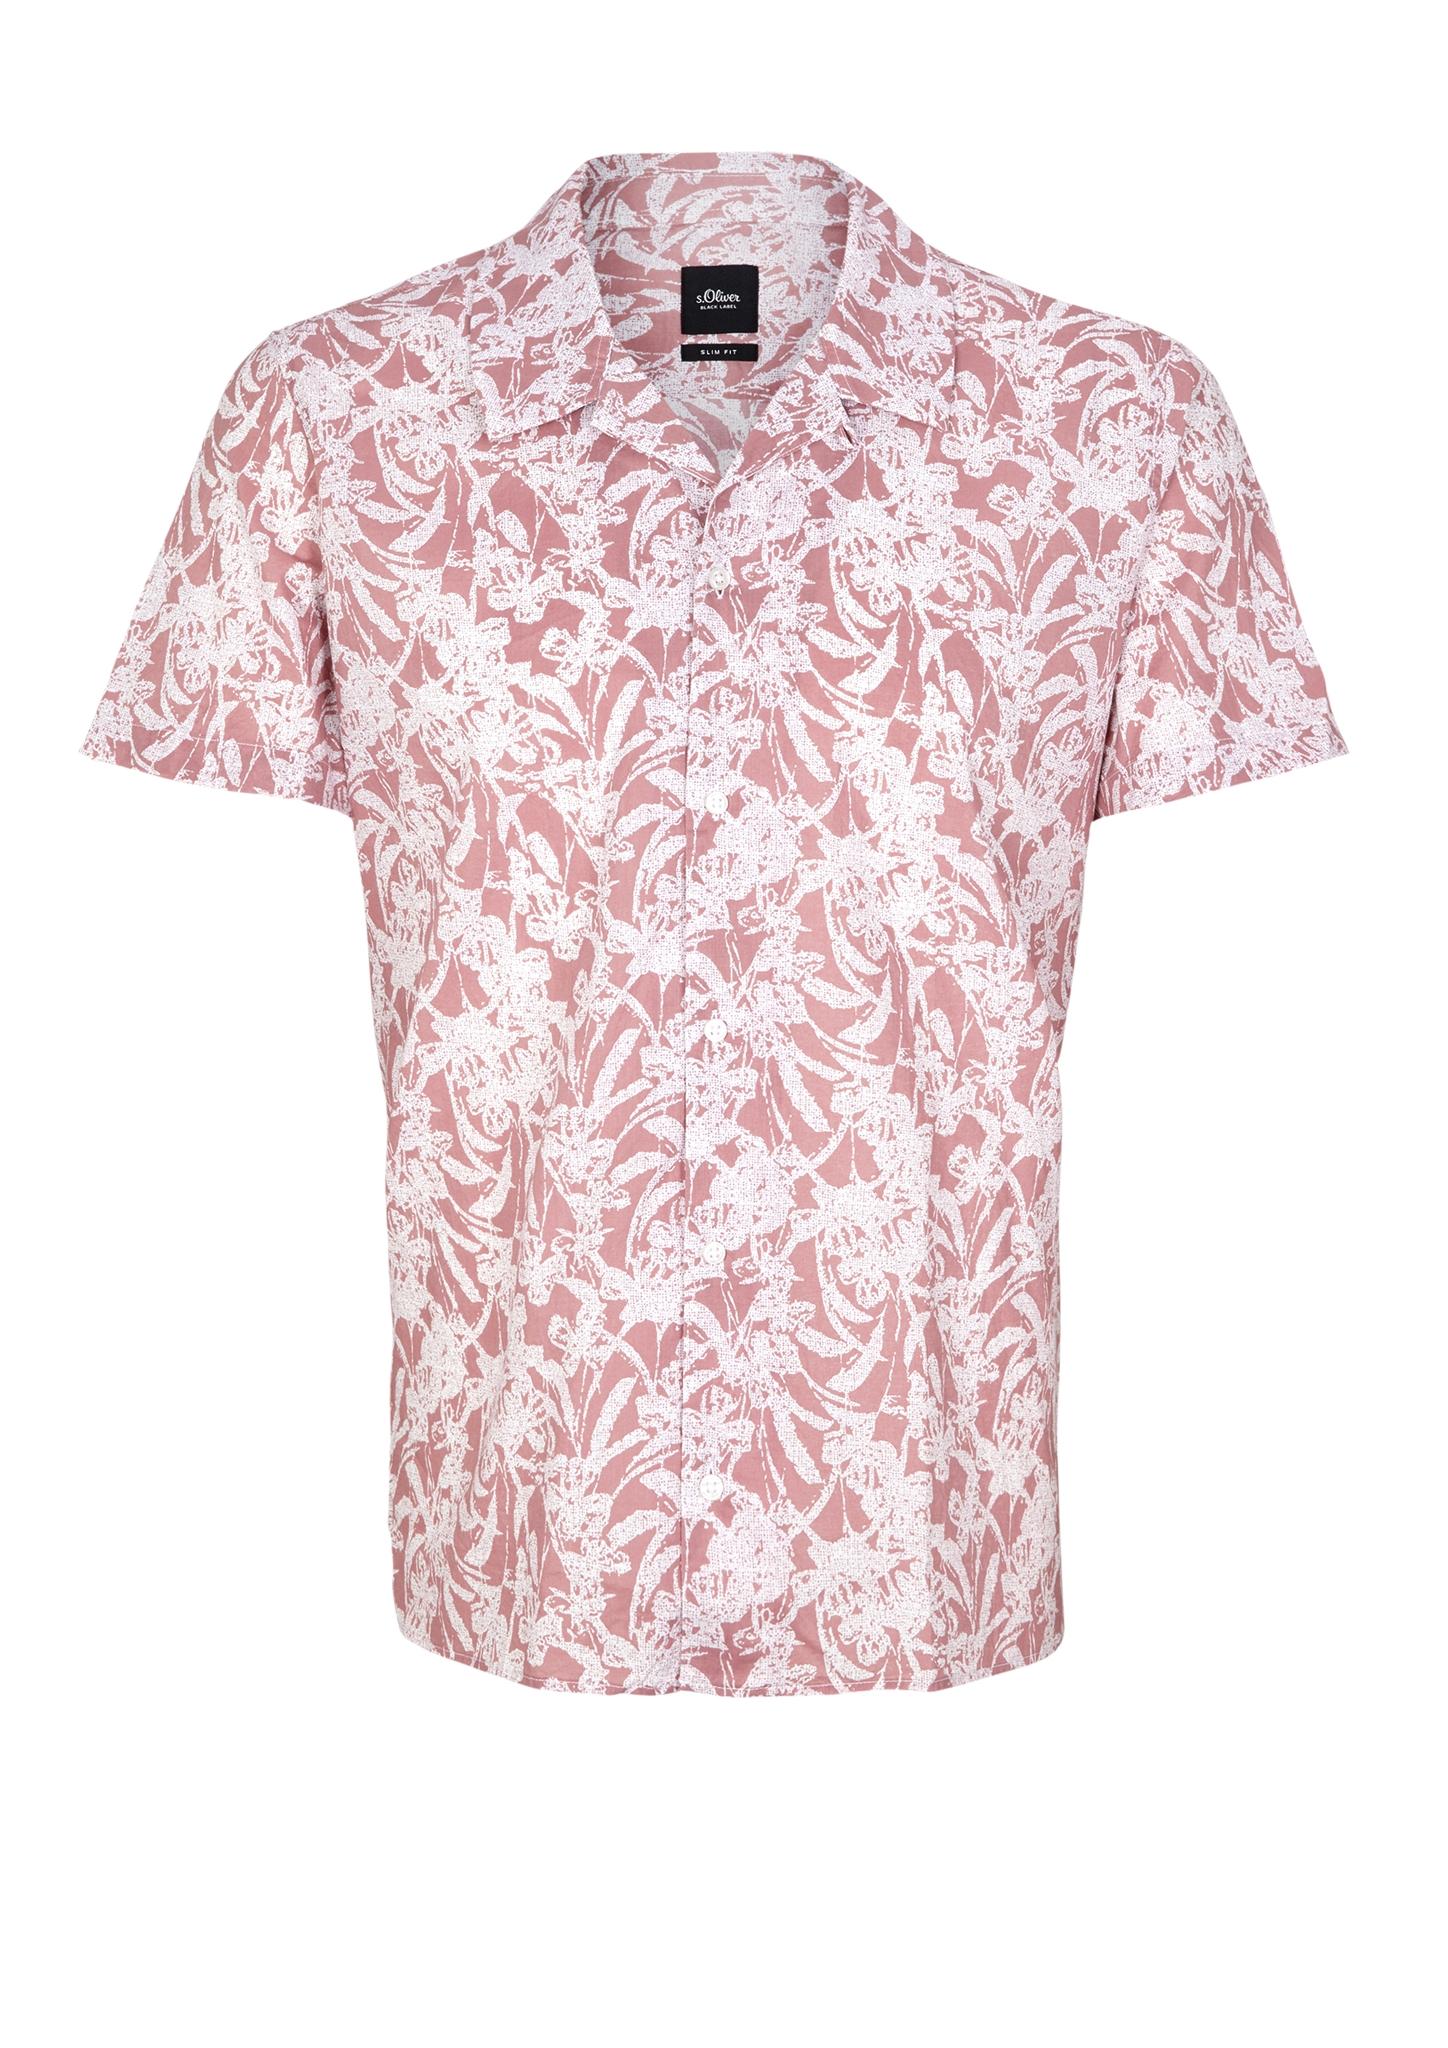 Hawaiihemd | Bekleidung > Hemden > Hawaiihemden | Pink | 100% baumwolle | s.Oliver BLACK LABEL